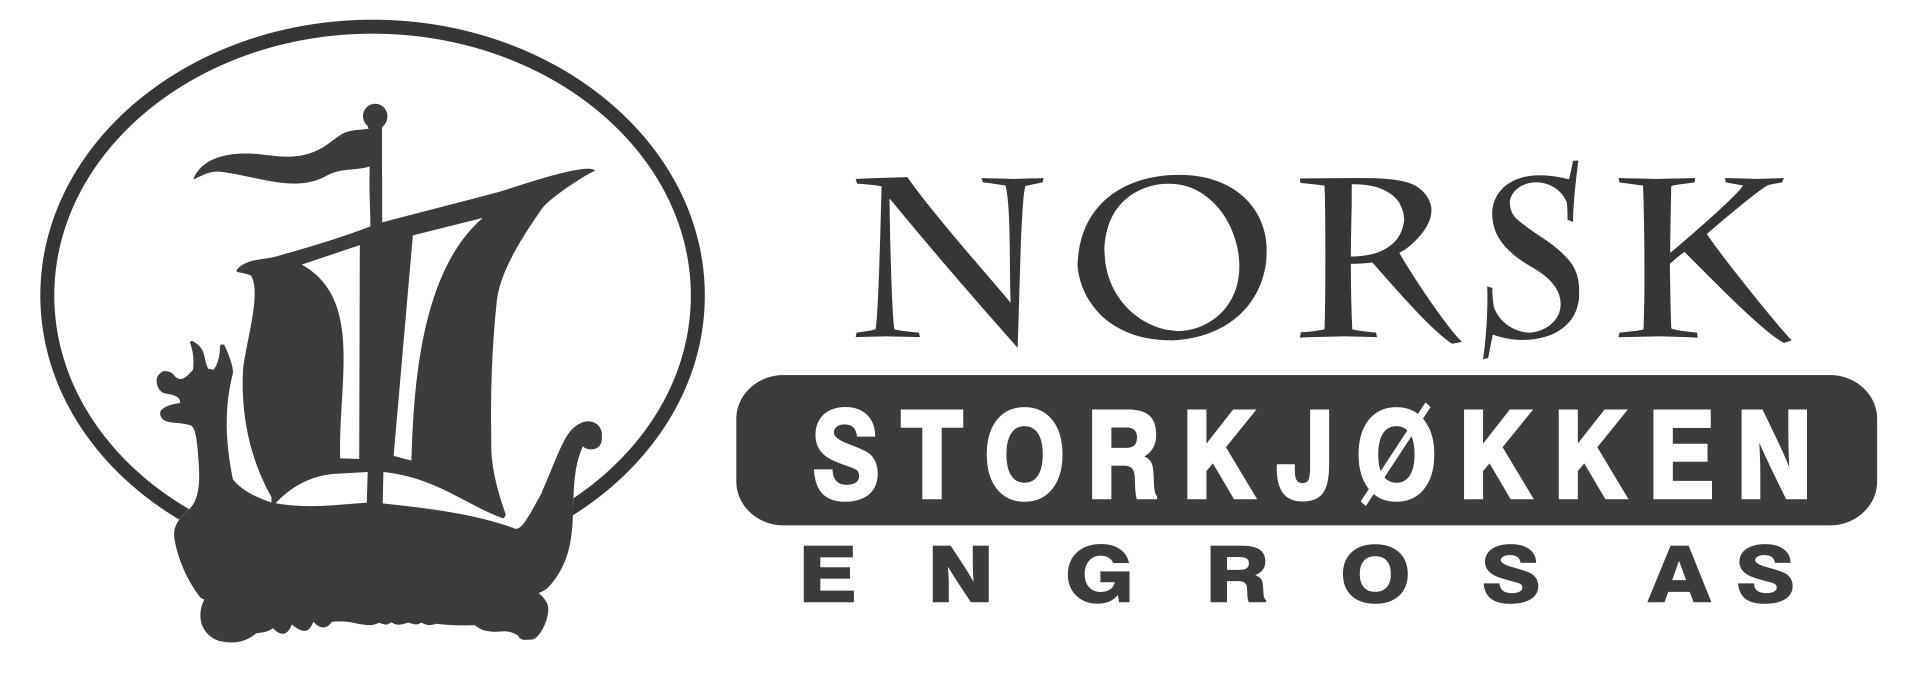 NorskStorkjøkke.jpg